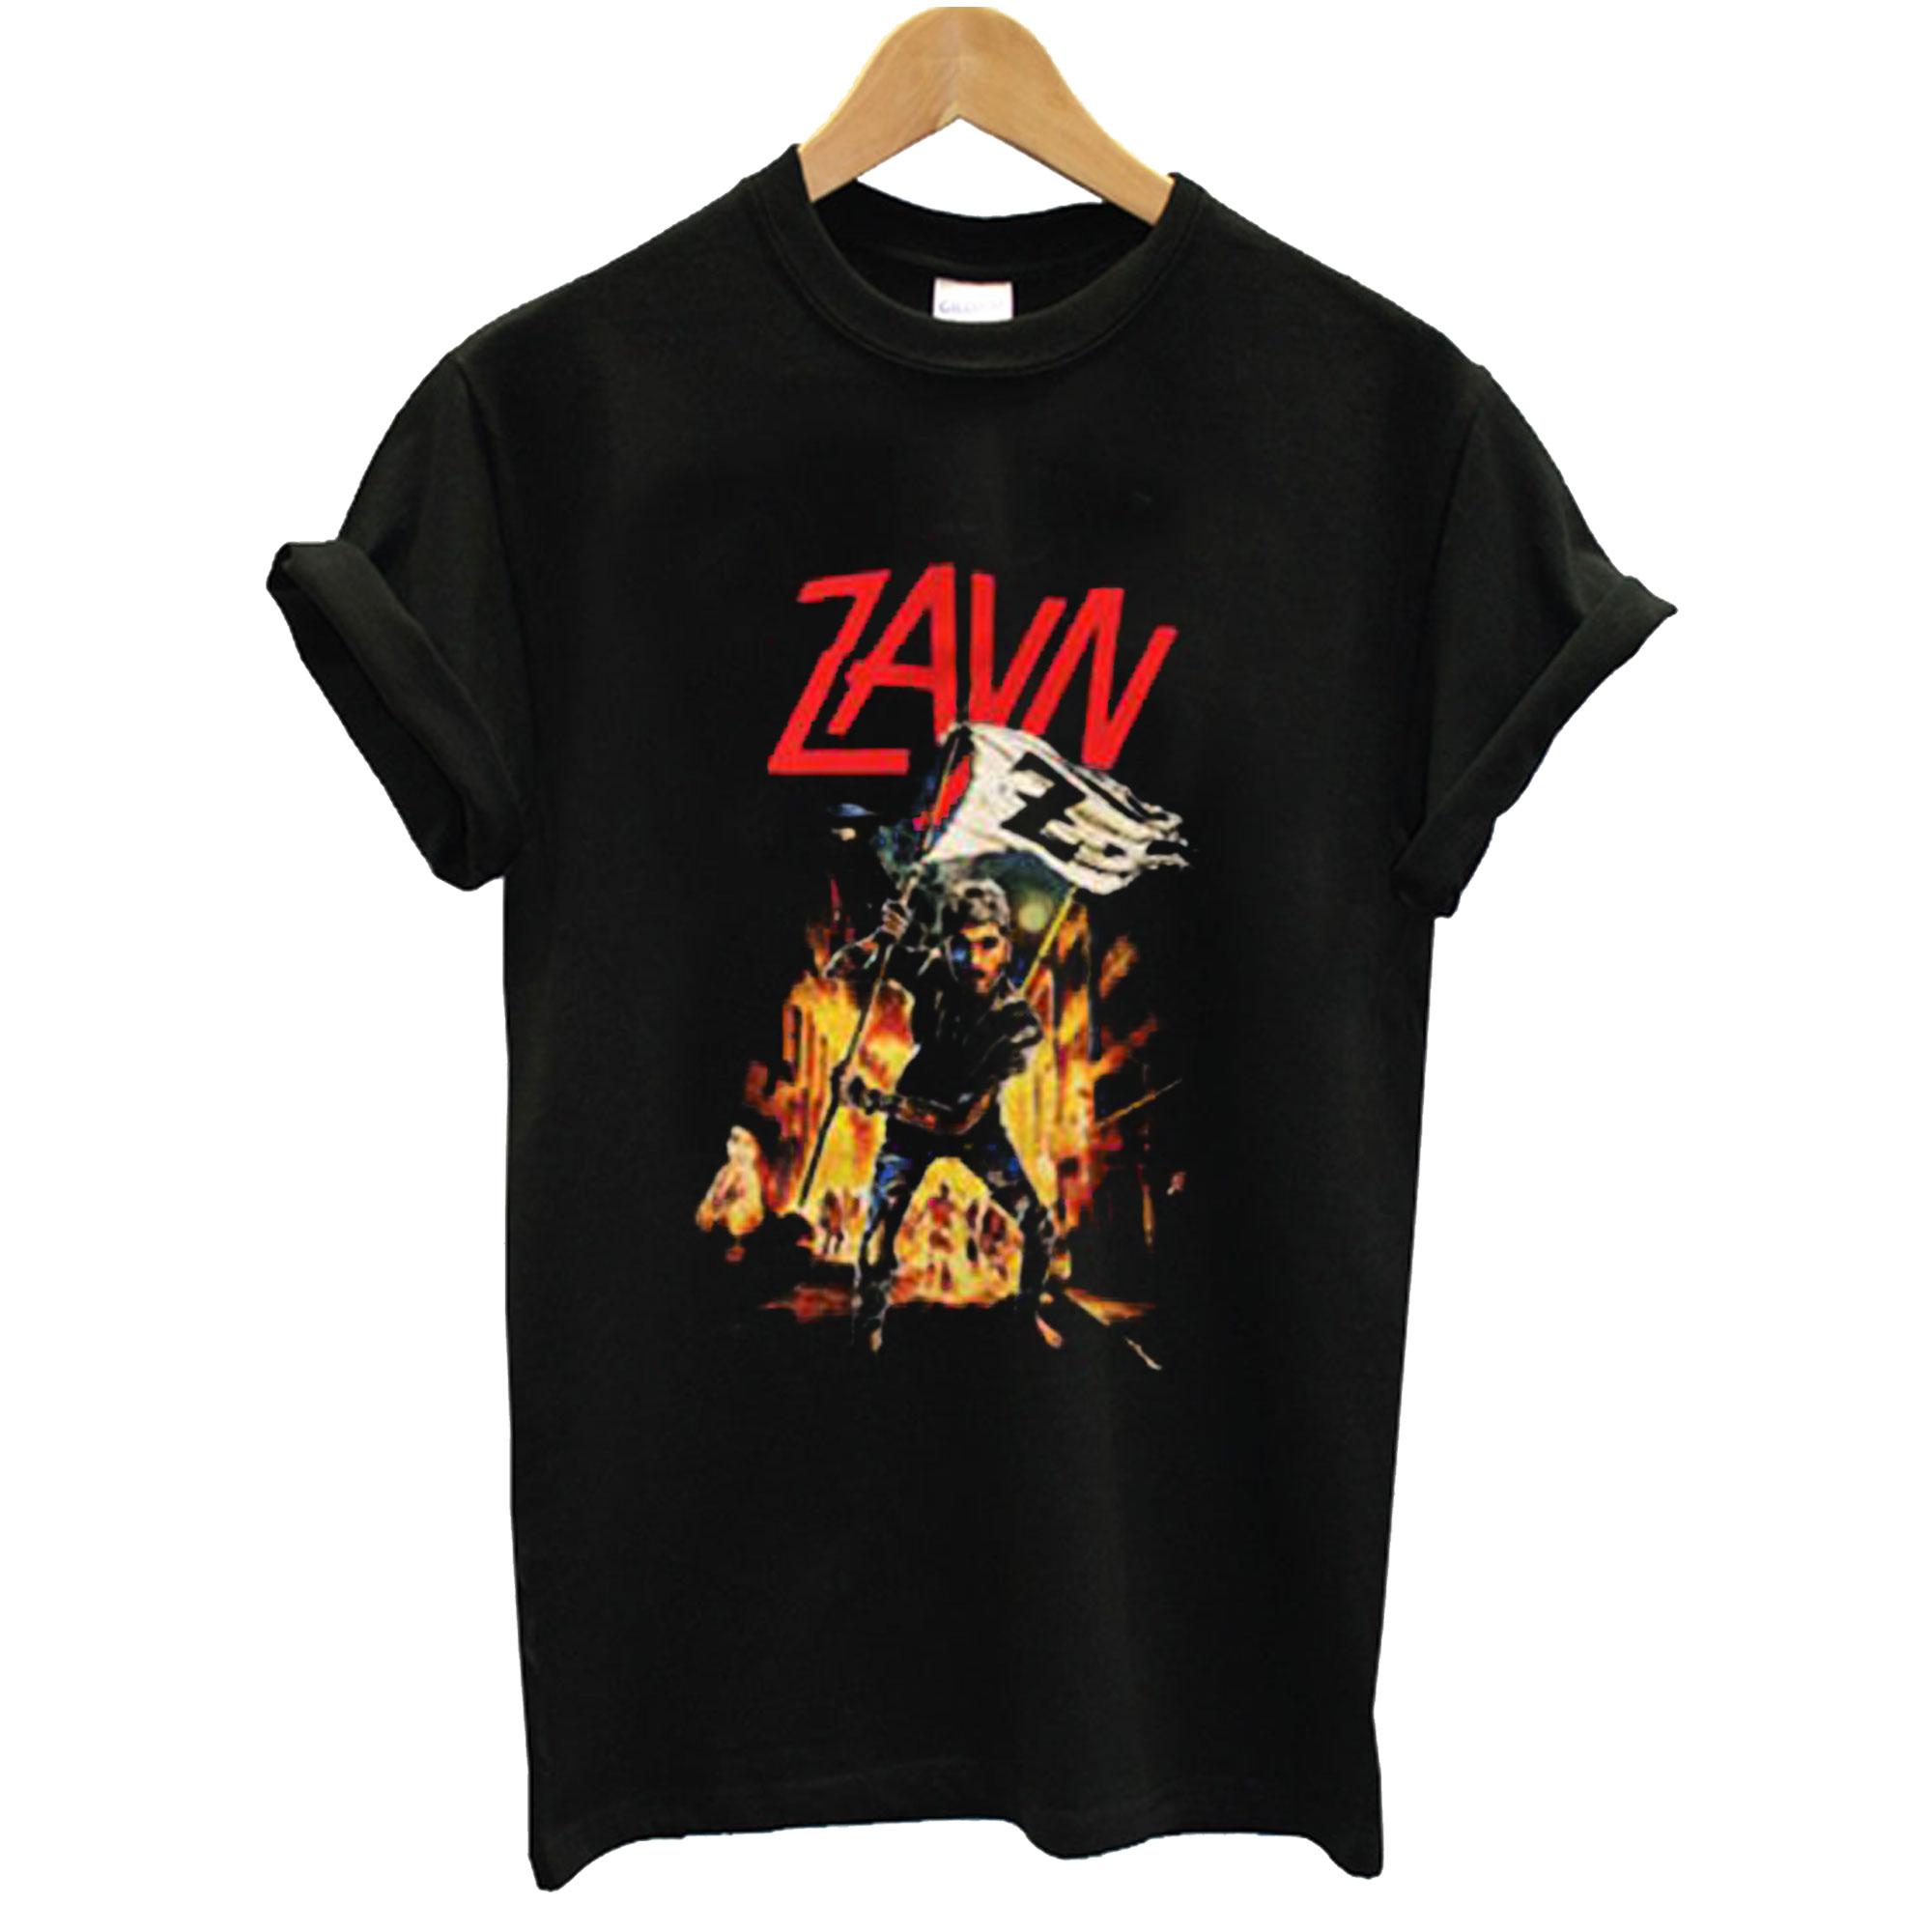 Zayn Malik Zombies Slayer T-Shirt